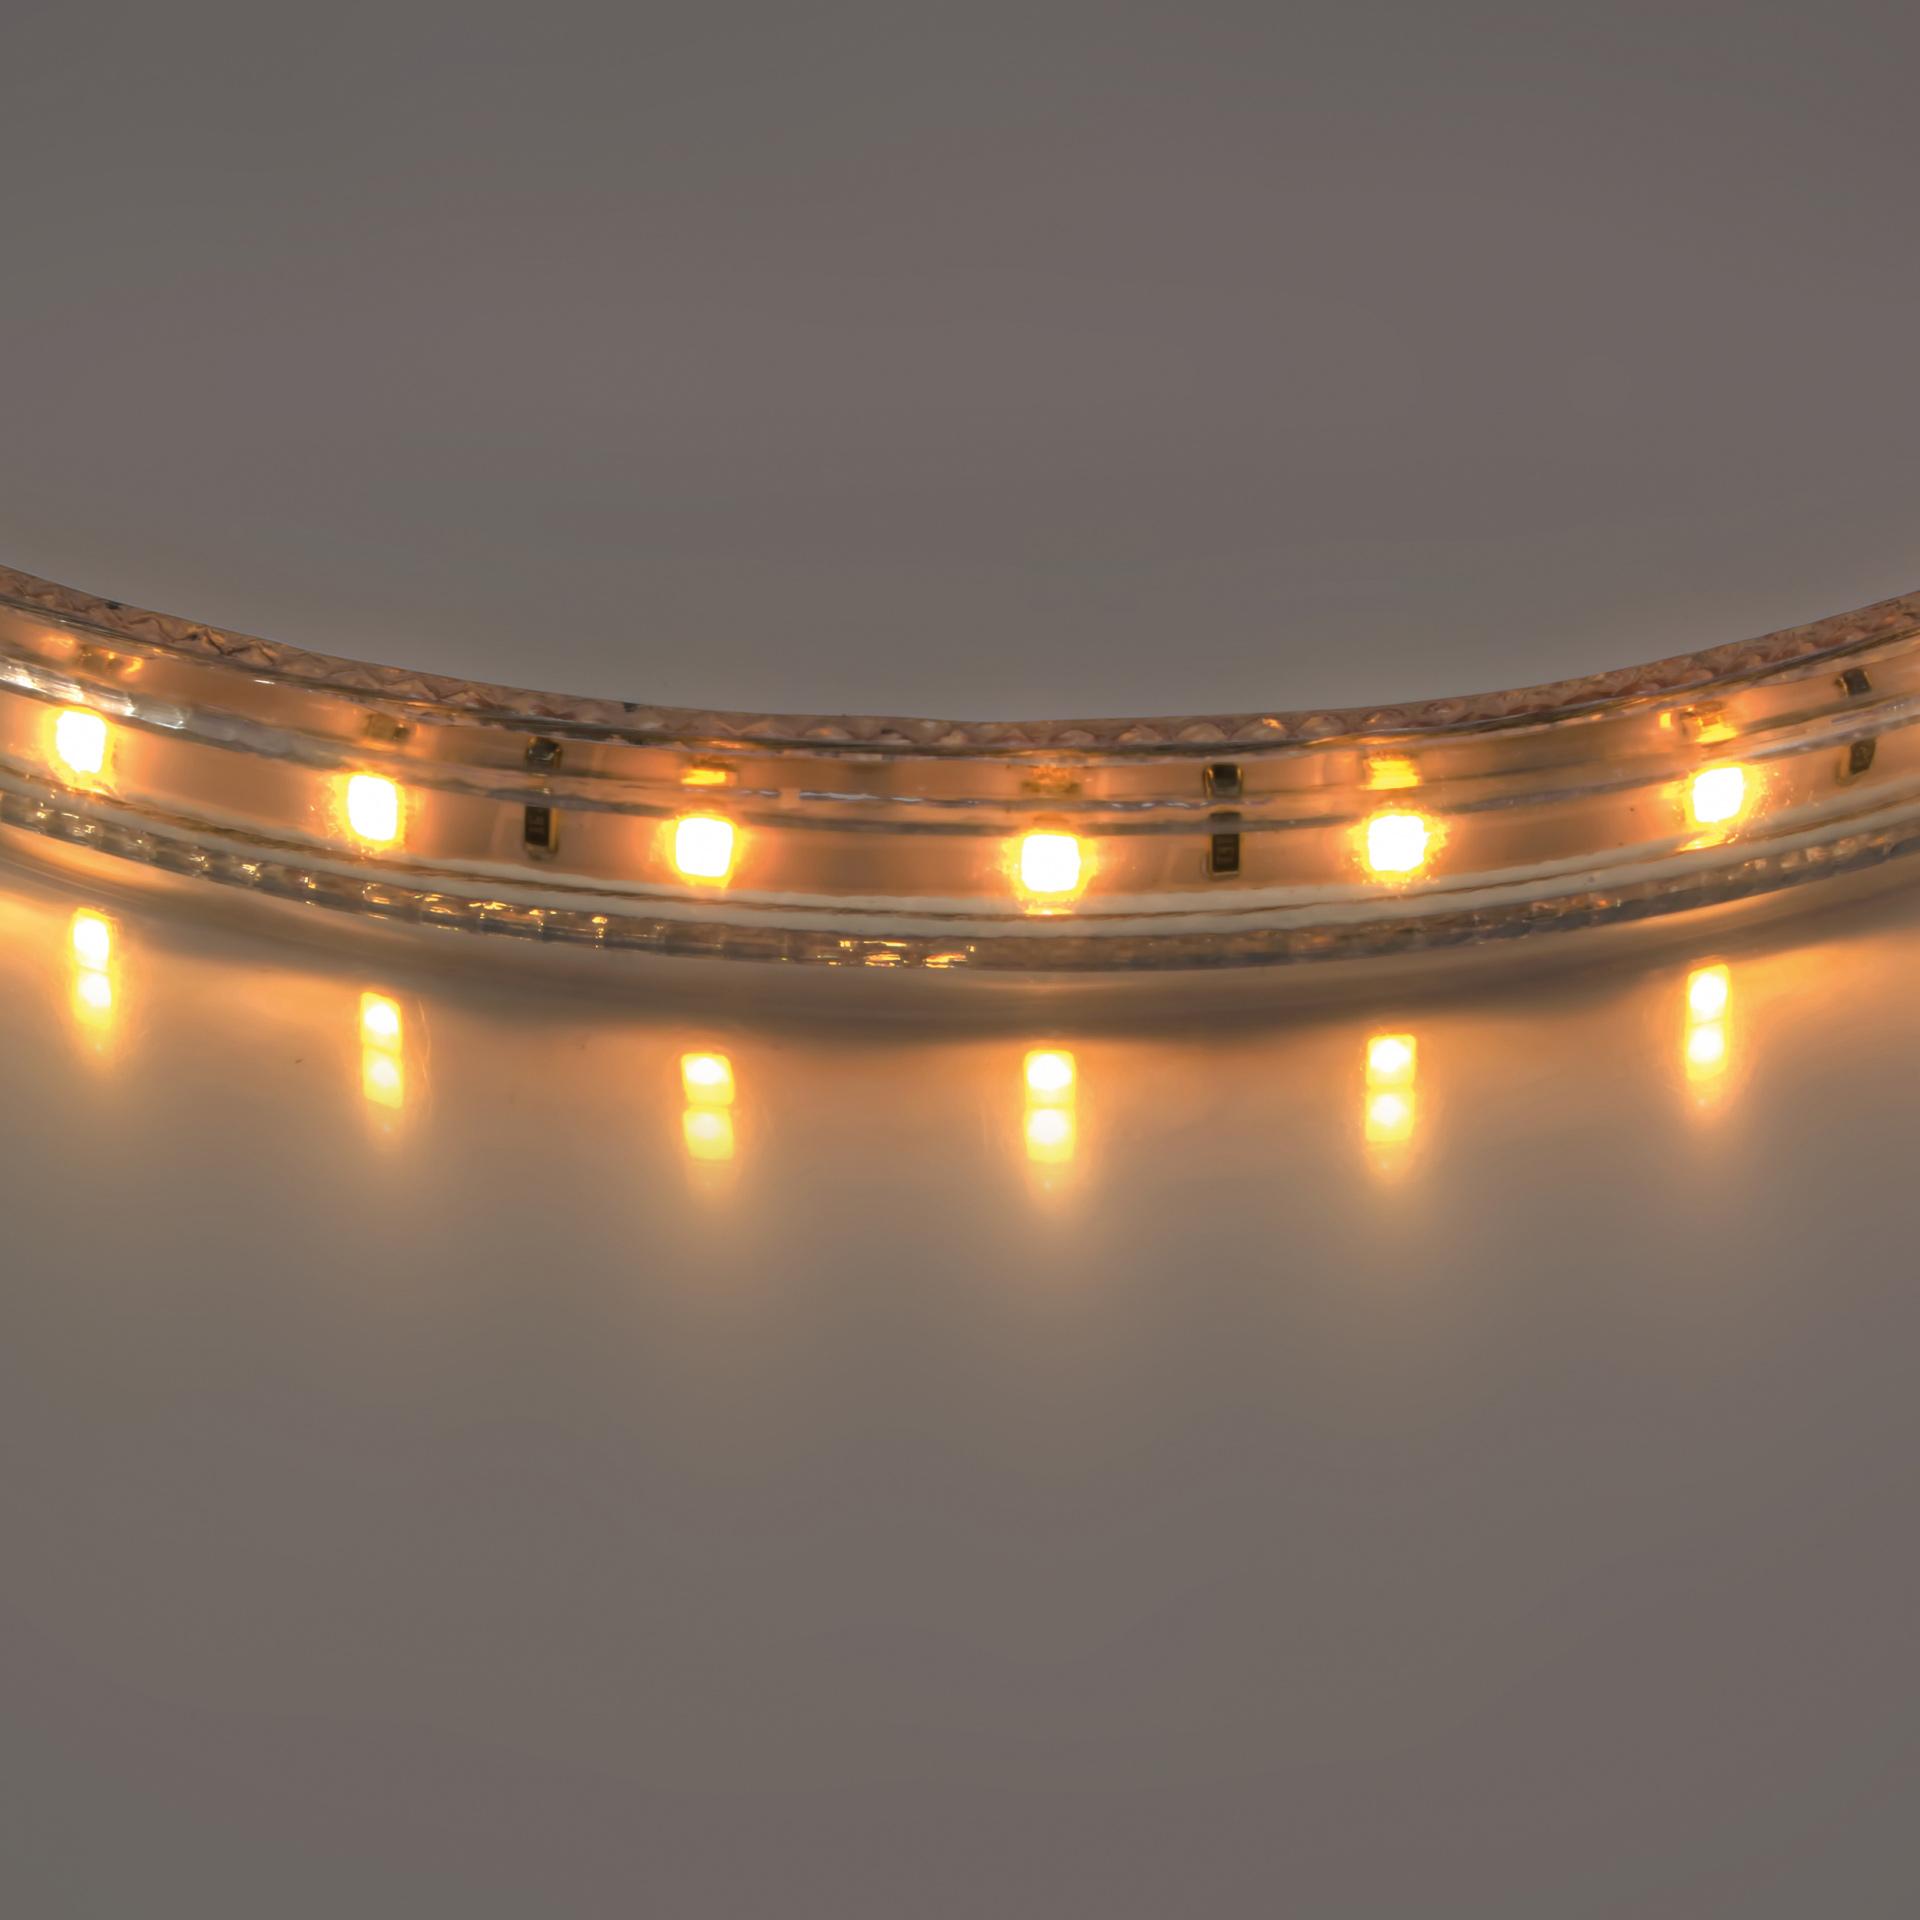 Лента 220V LED 2800-3200K теплый белый свет Lightstar 402002, купить в СПб, Москве, с доставкой, Санкт-Петербург, интернет-магазин люстр и светильников Starlight, фото в жизни